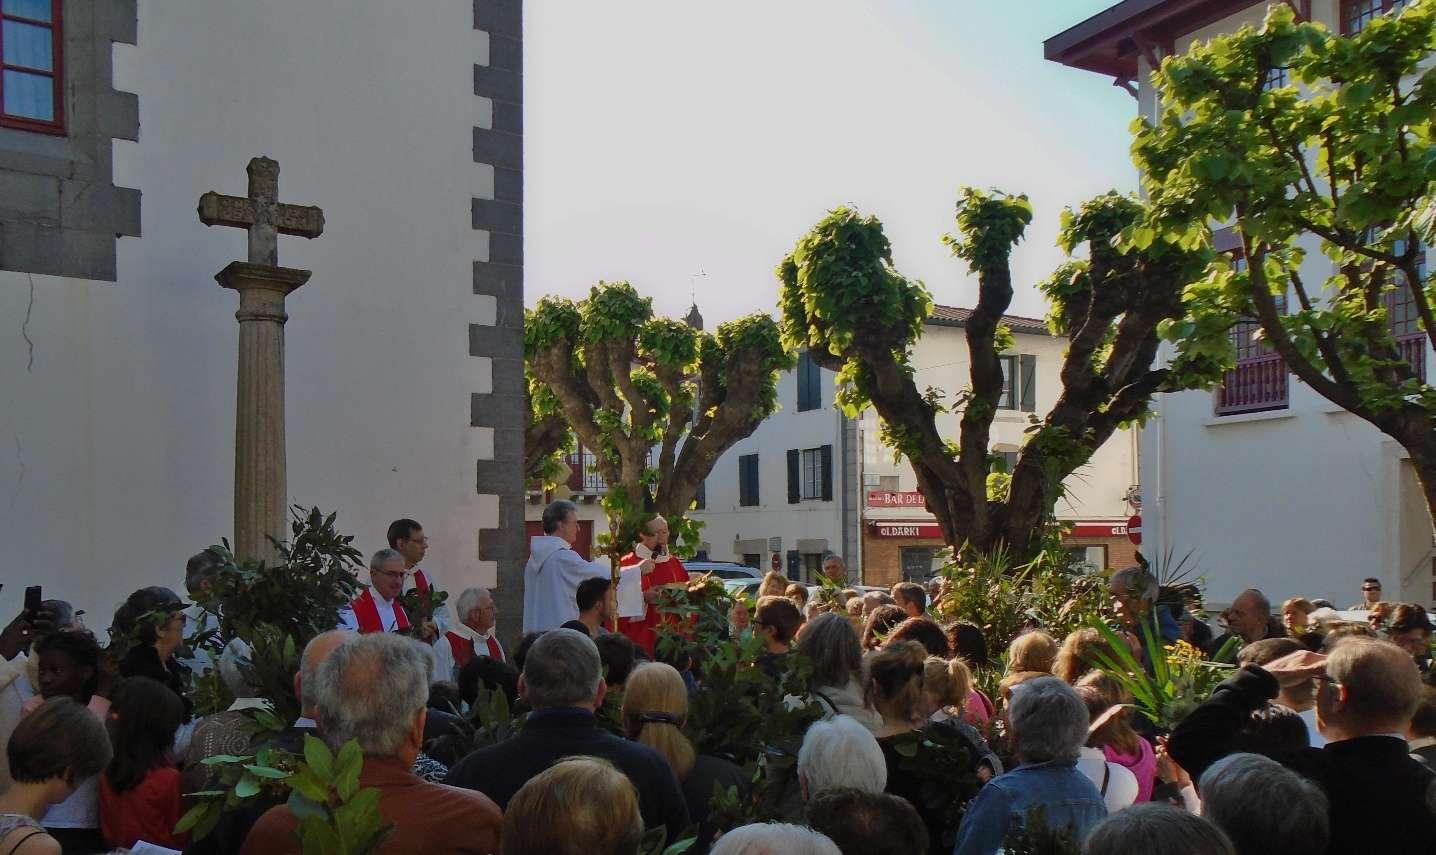 Sous un beau soleil, l'abbé Bernard Fourgs accueille la foule venue pour suivre Jésus durant la Semaine Sainte